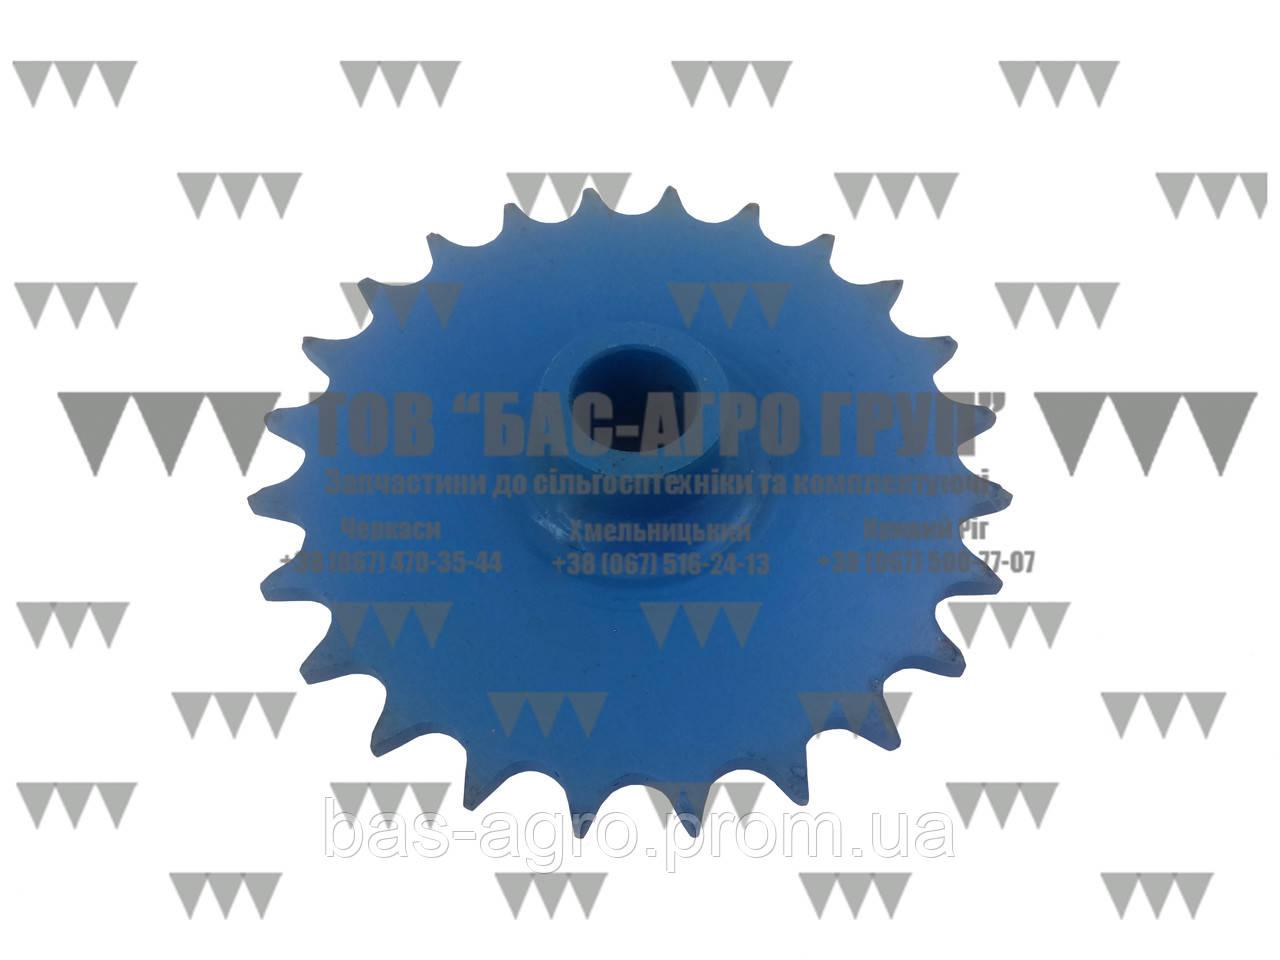 Звездочка Z-24 Monosem 7434 (65106500) аналог